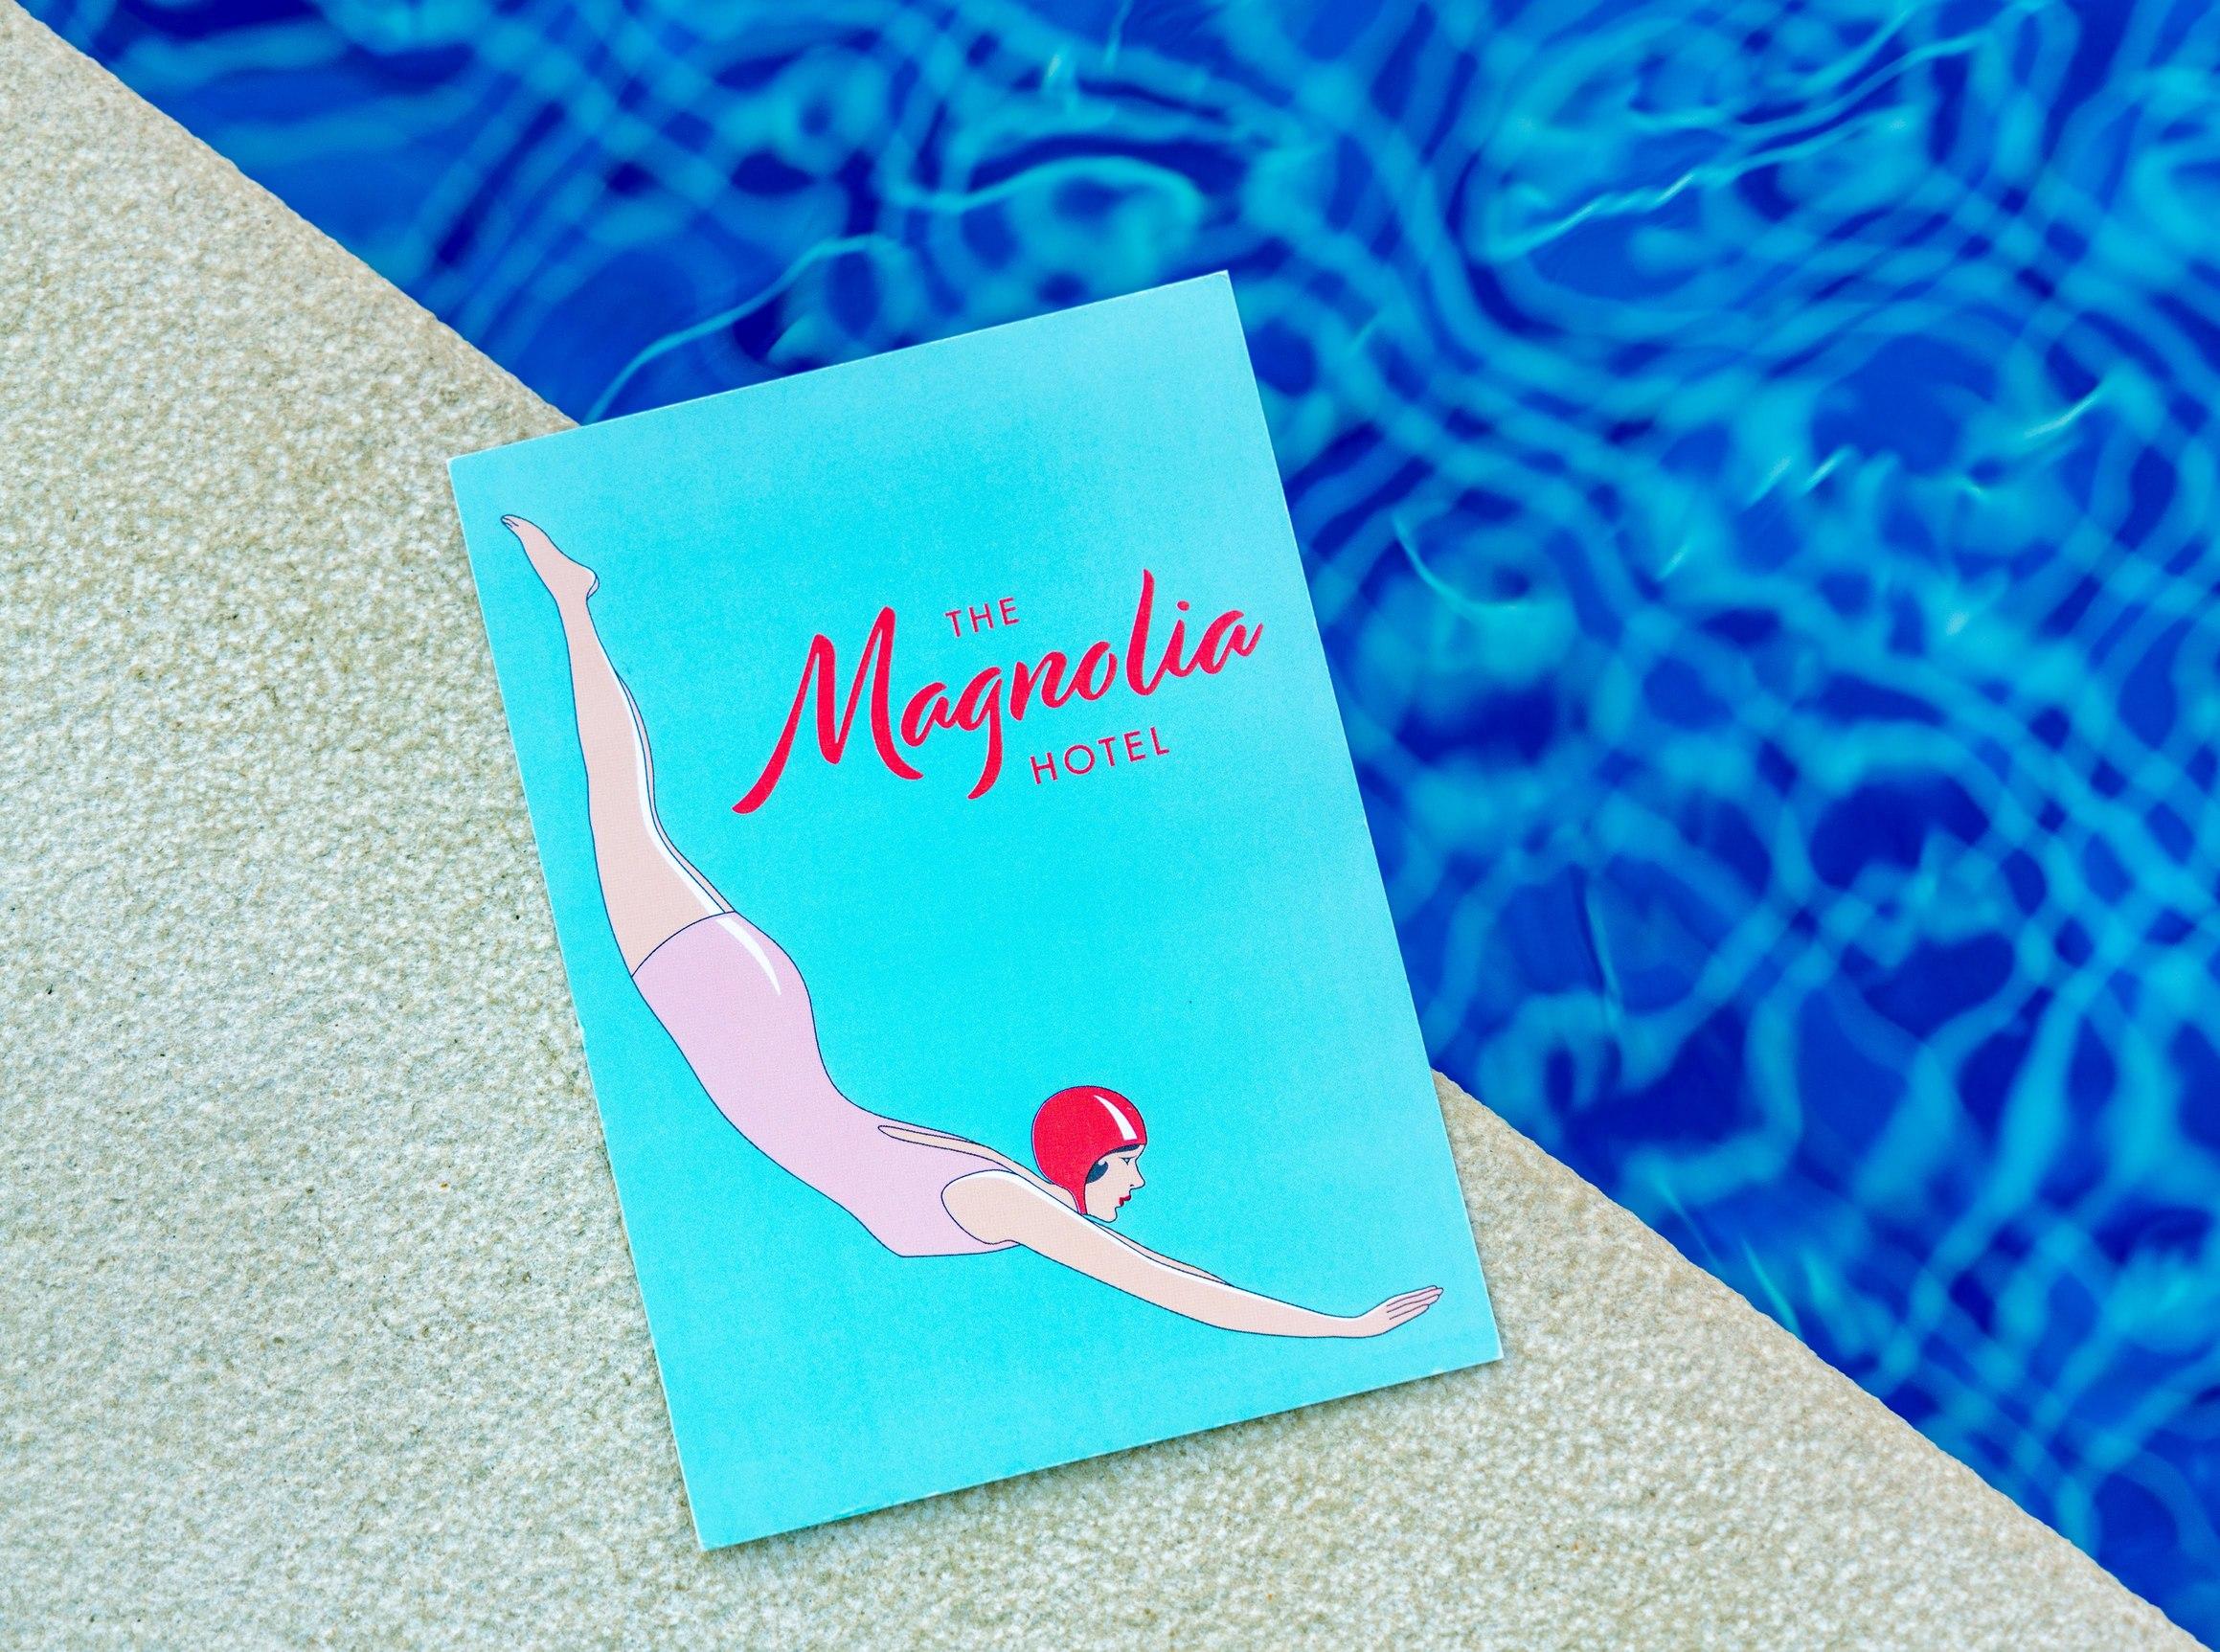 La Magnolia Hotel Portugal 7.jpg